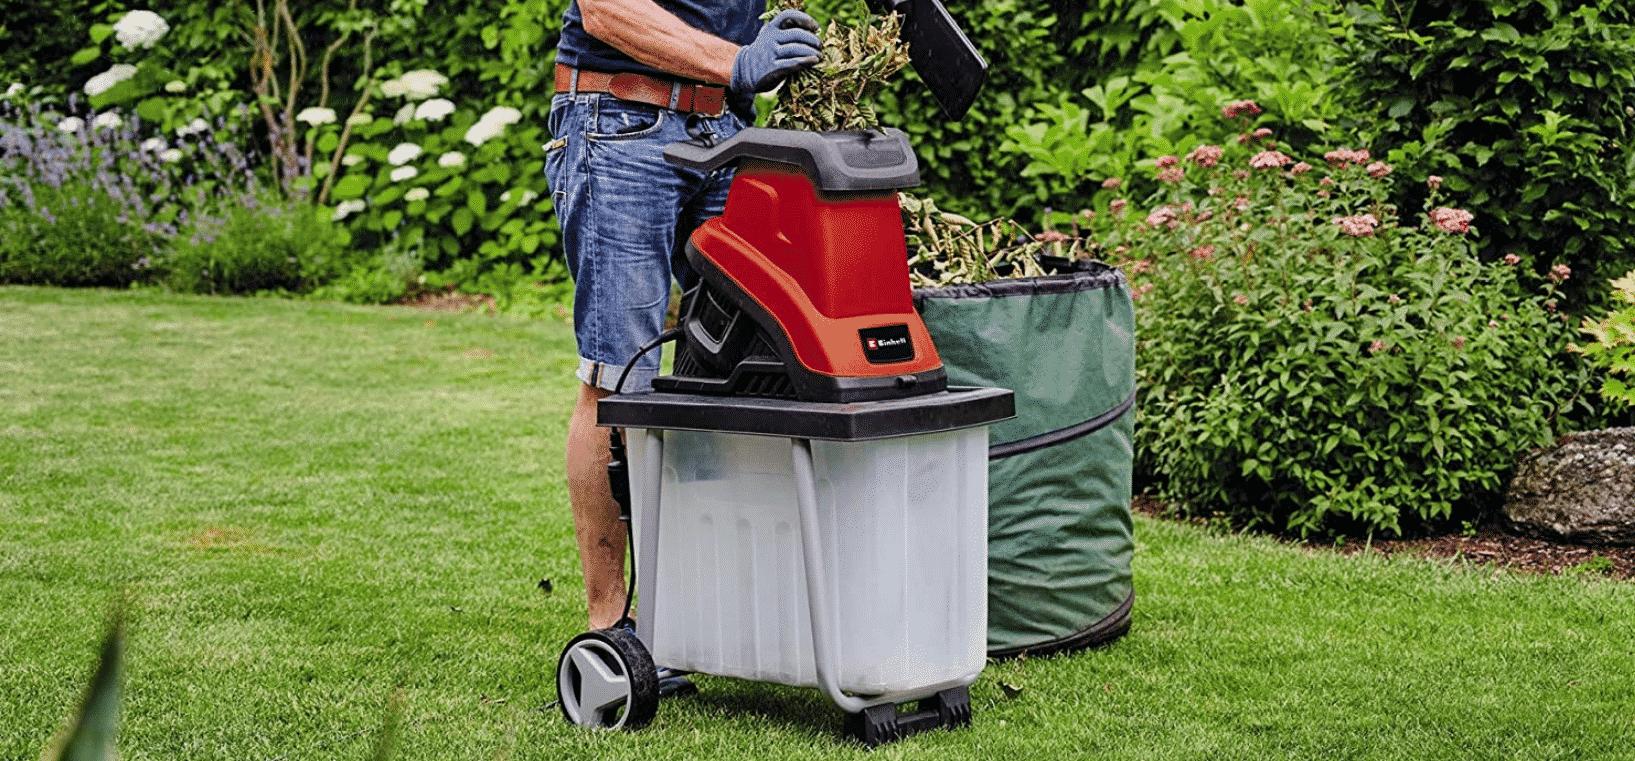 Comparatif pour choisir le meilleur broyeur de végétaux électrique Einhell